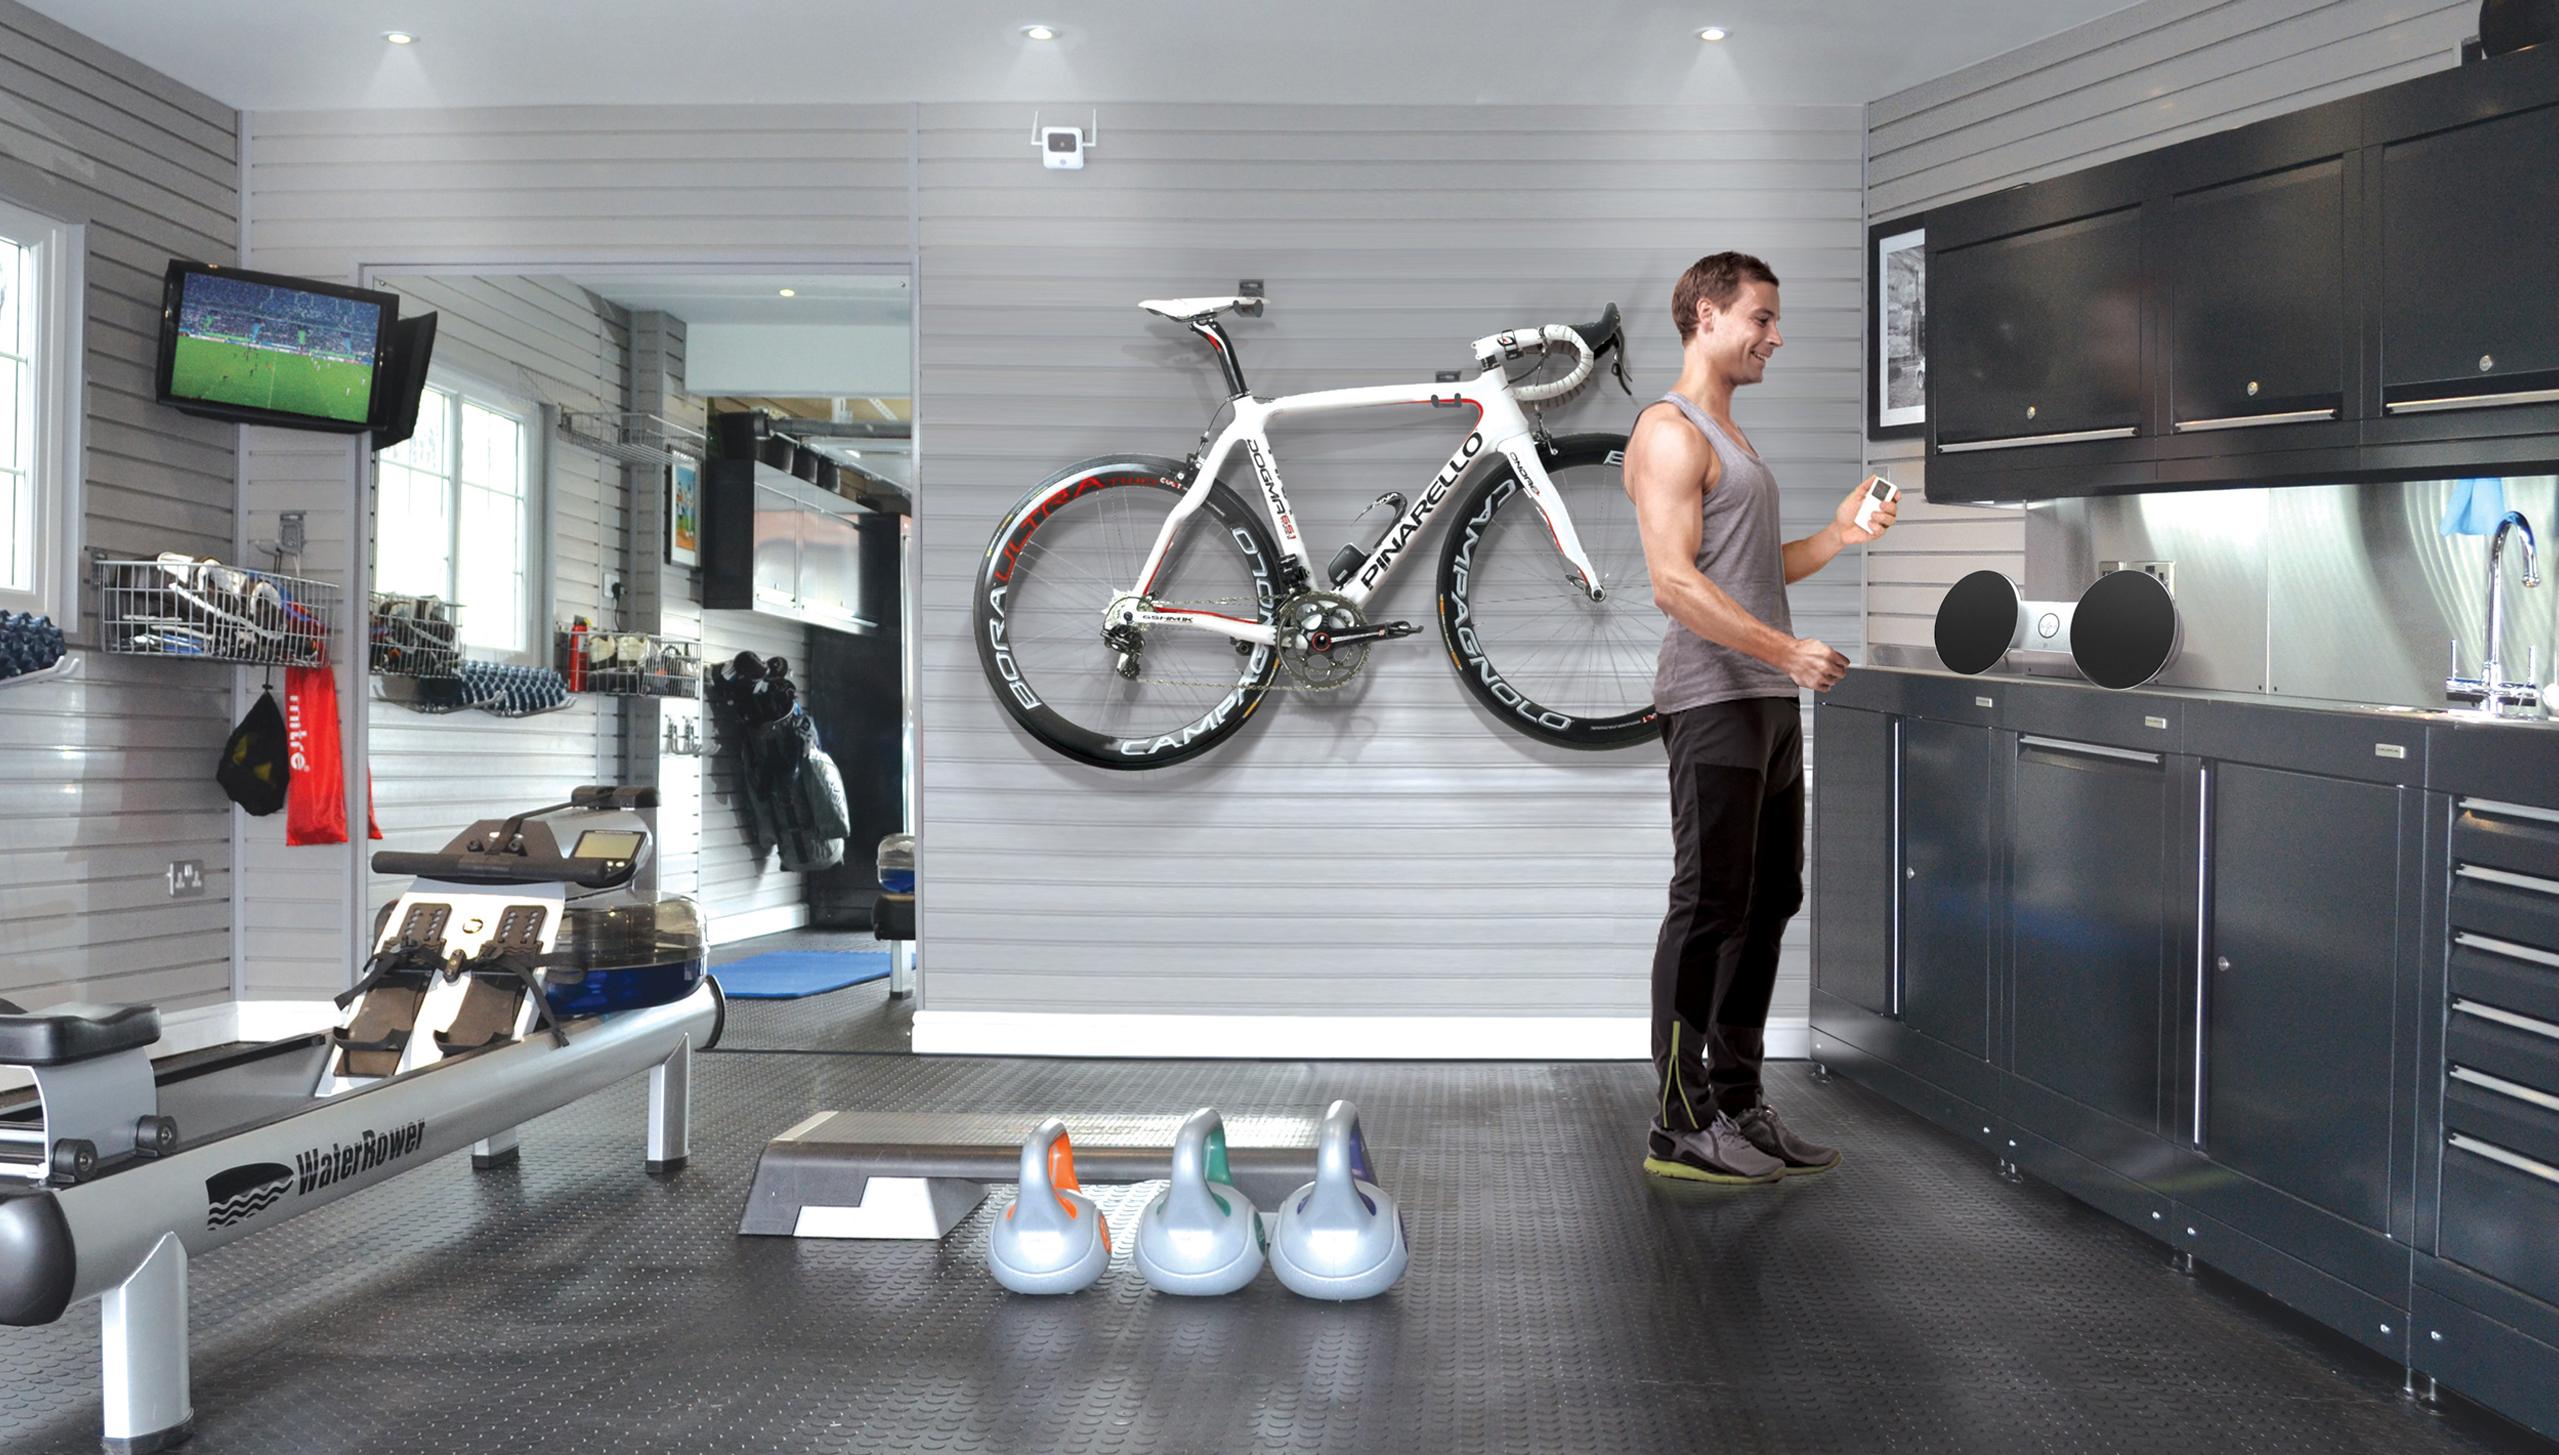 Garage Gym S Amp Cyclist S Garages From Garage Experts Dura